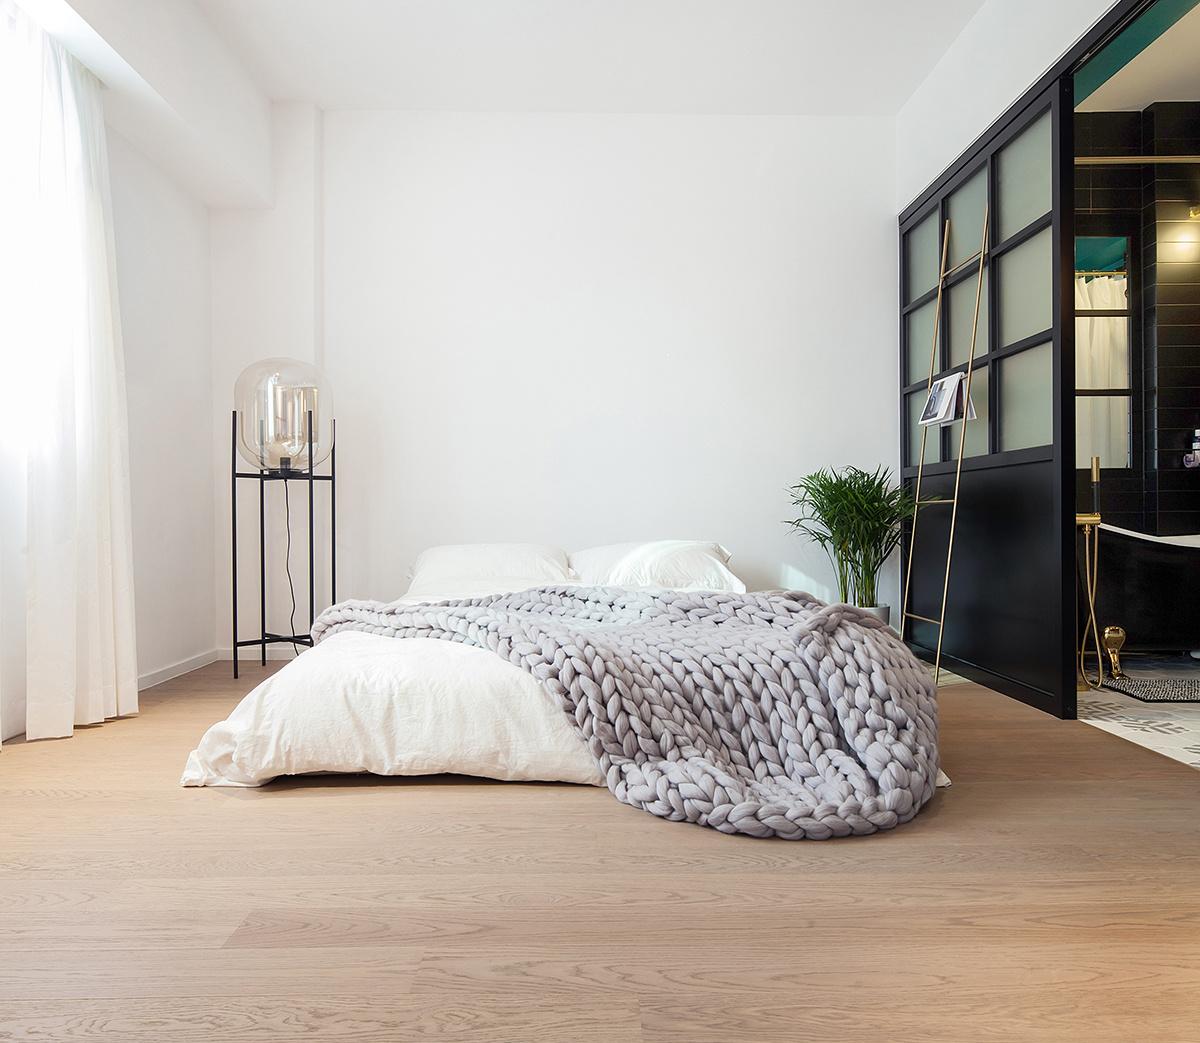 http://www.homease.nl/wp-content/uploads/minimalistische-chique-slaapkamer.jpg